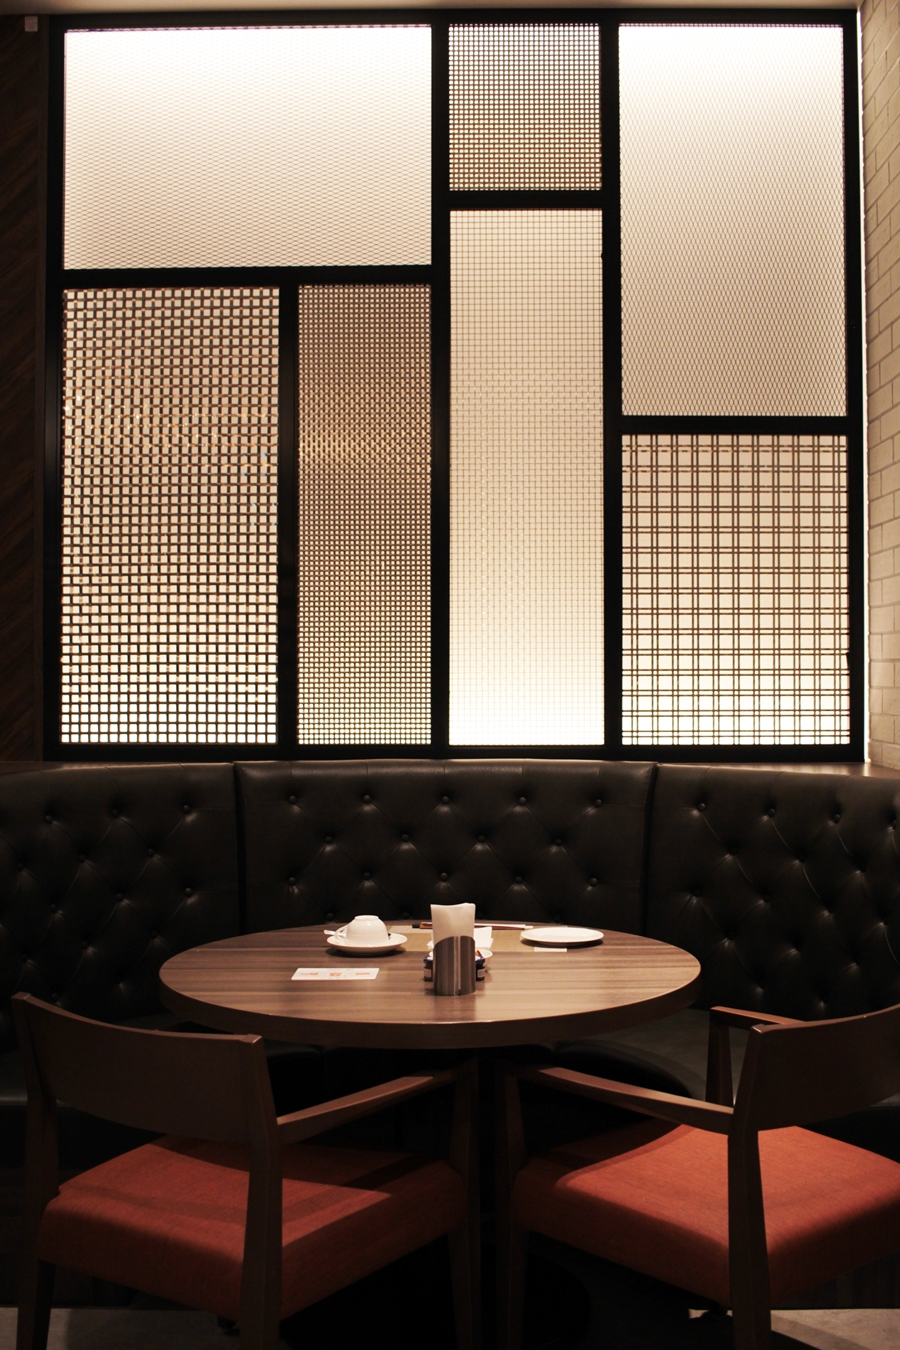 schöne orte in tokyo japan restaurant